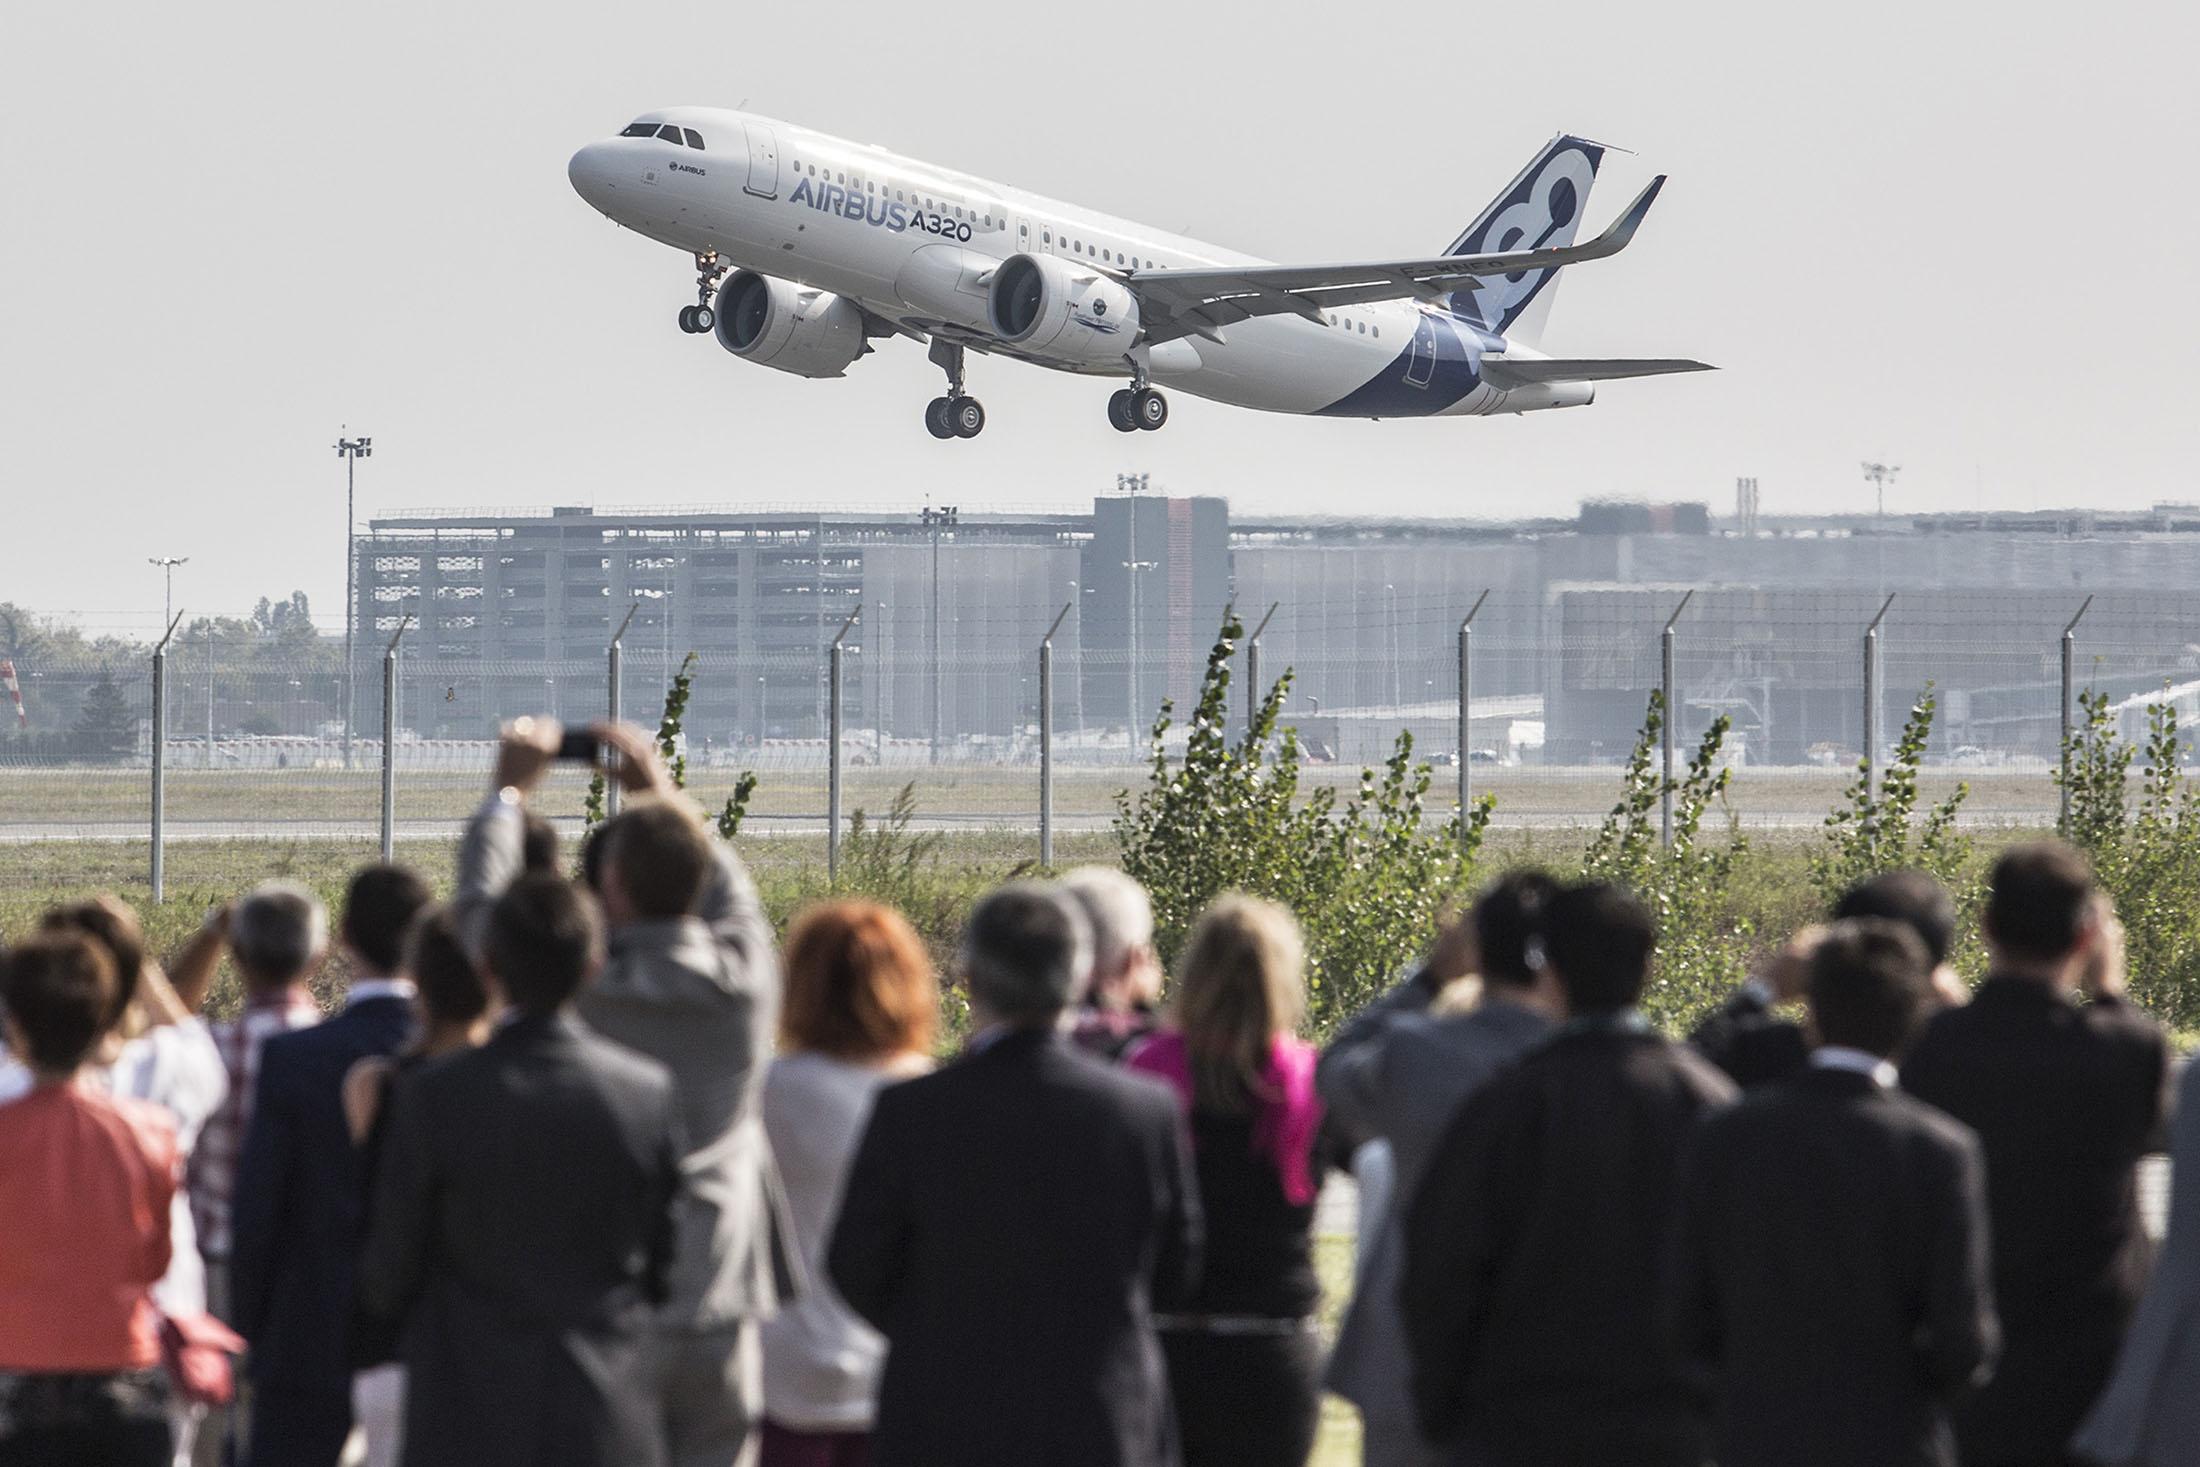 Airen Paris Stock Quote Airbus Se Bloomberg Markets